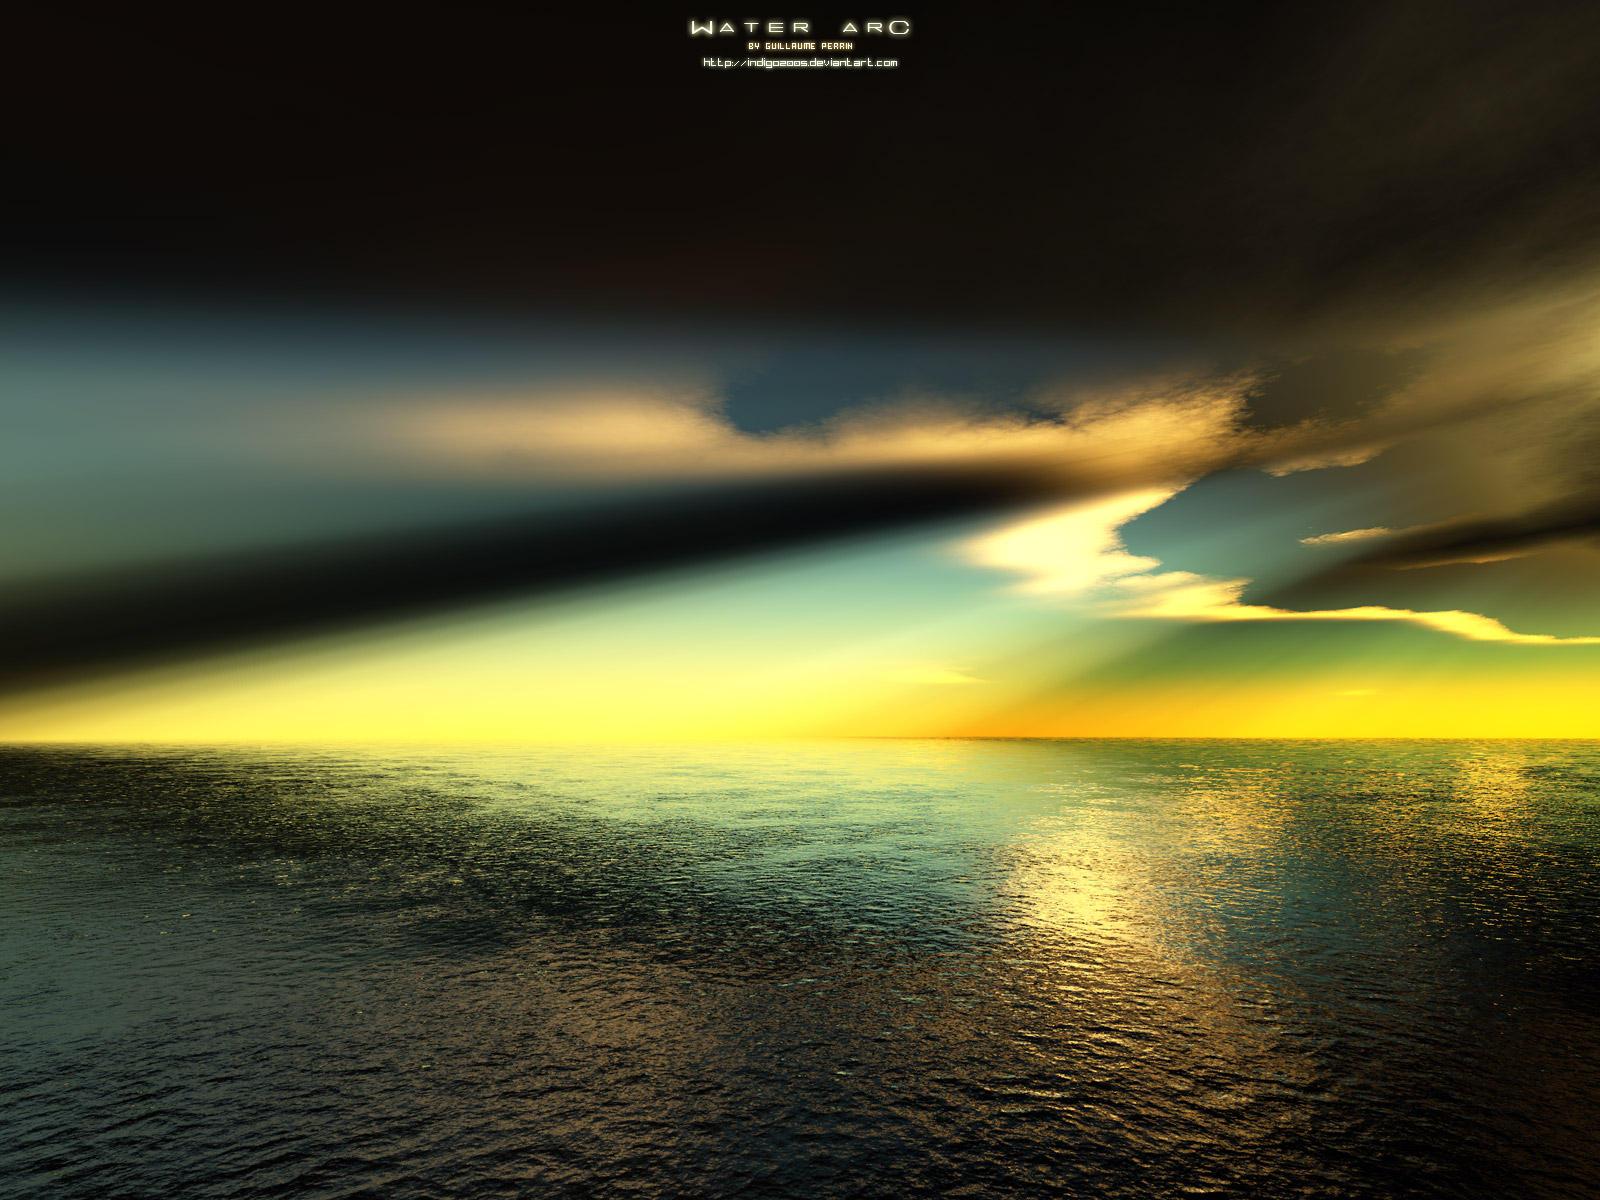 Water Arc by Indigo2005